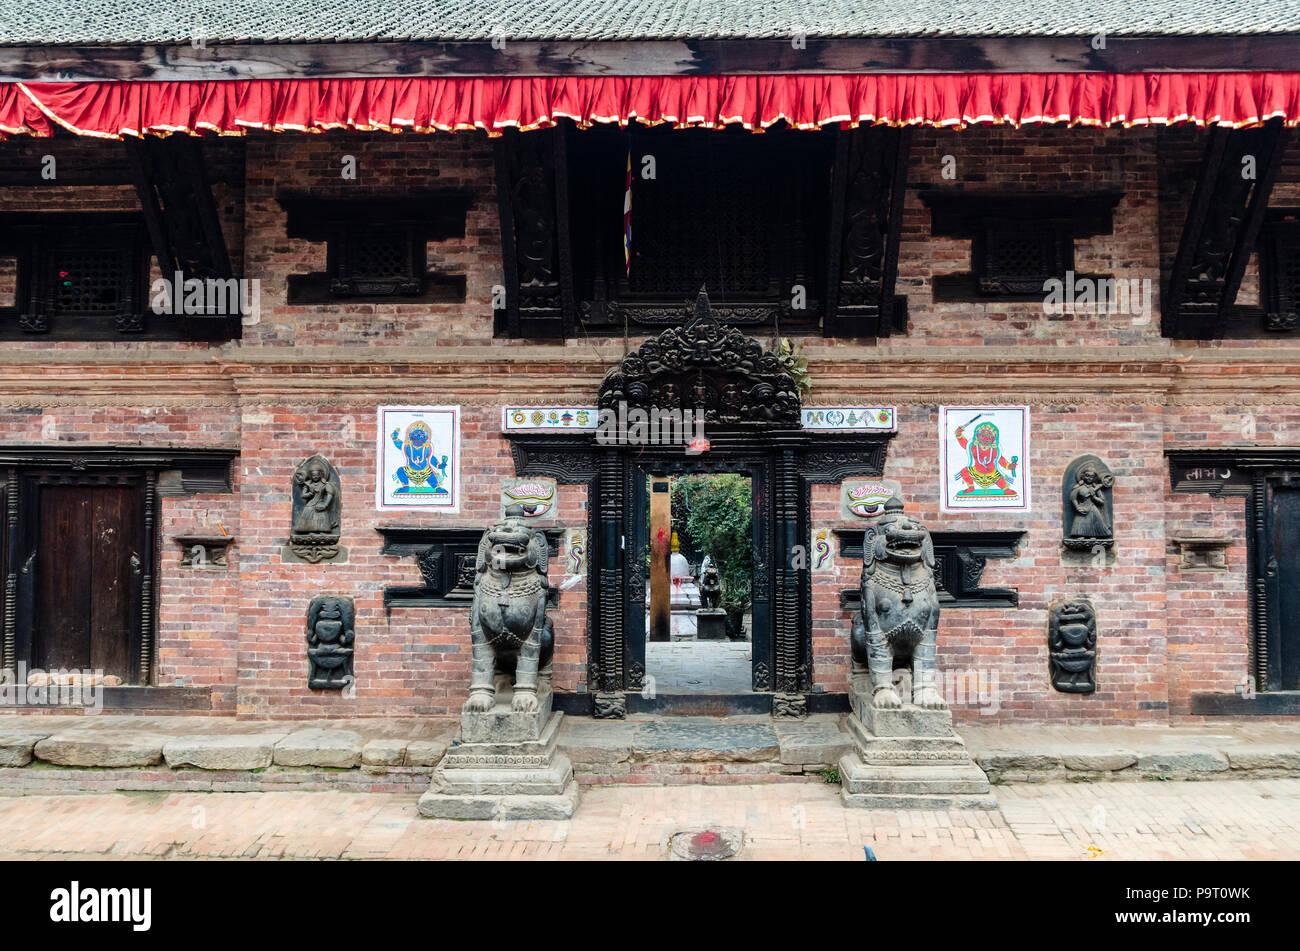 Newari architecture, Bhaktapur, Nepal Stock Photo